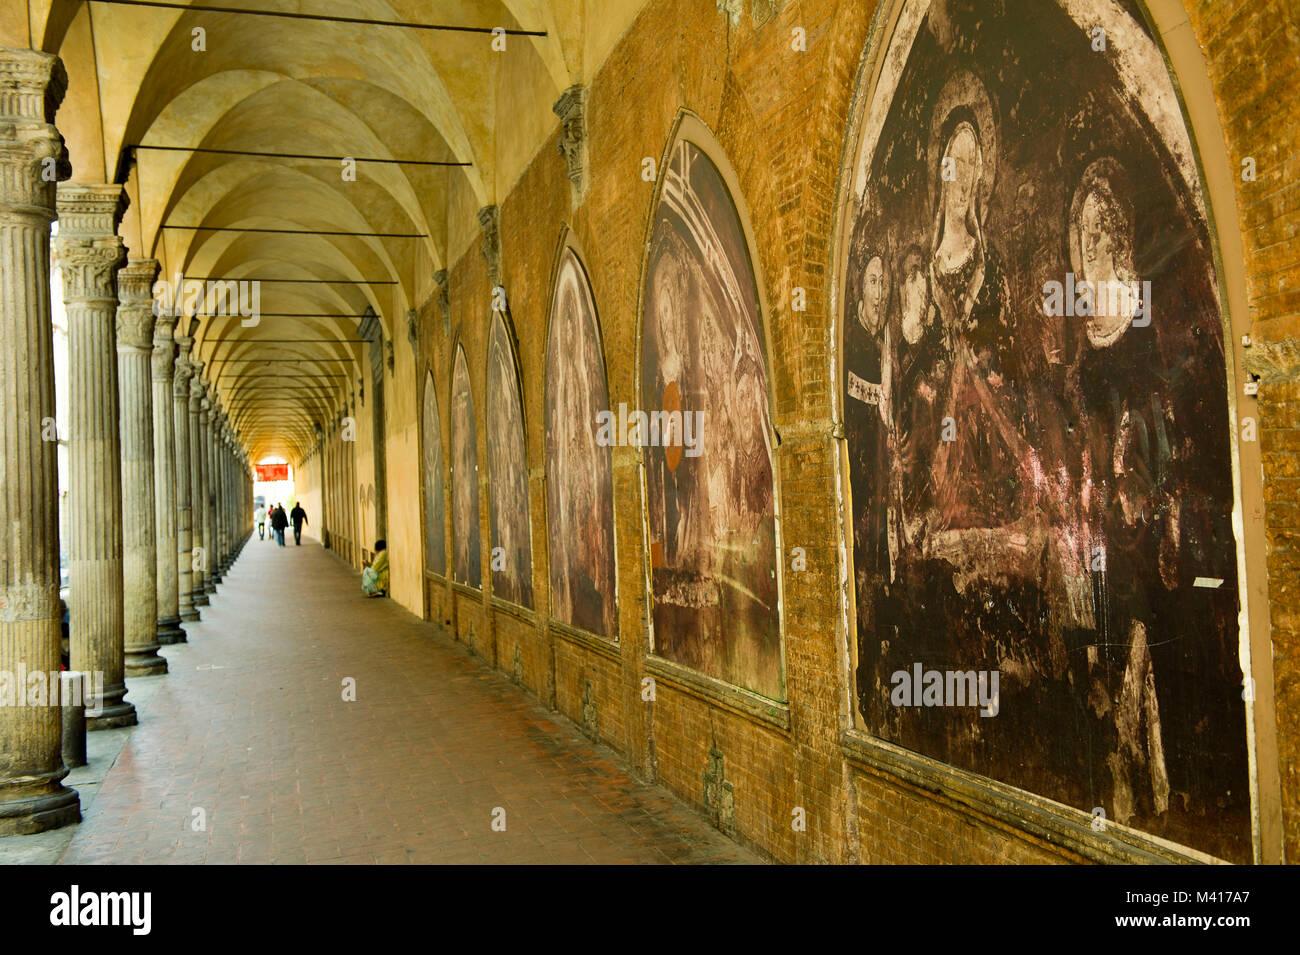 https://c8.alamy.com/comp/M417A7/italy-emilia-romagna-bologna-the-basilica-of-san-giacomo-maggiore-M417A7.jpg